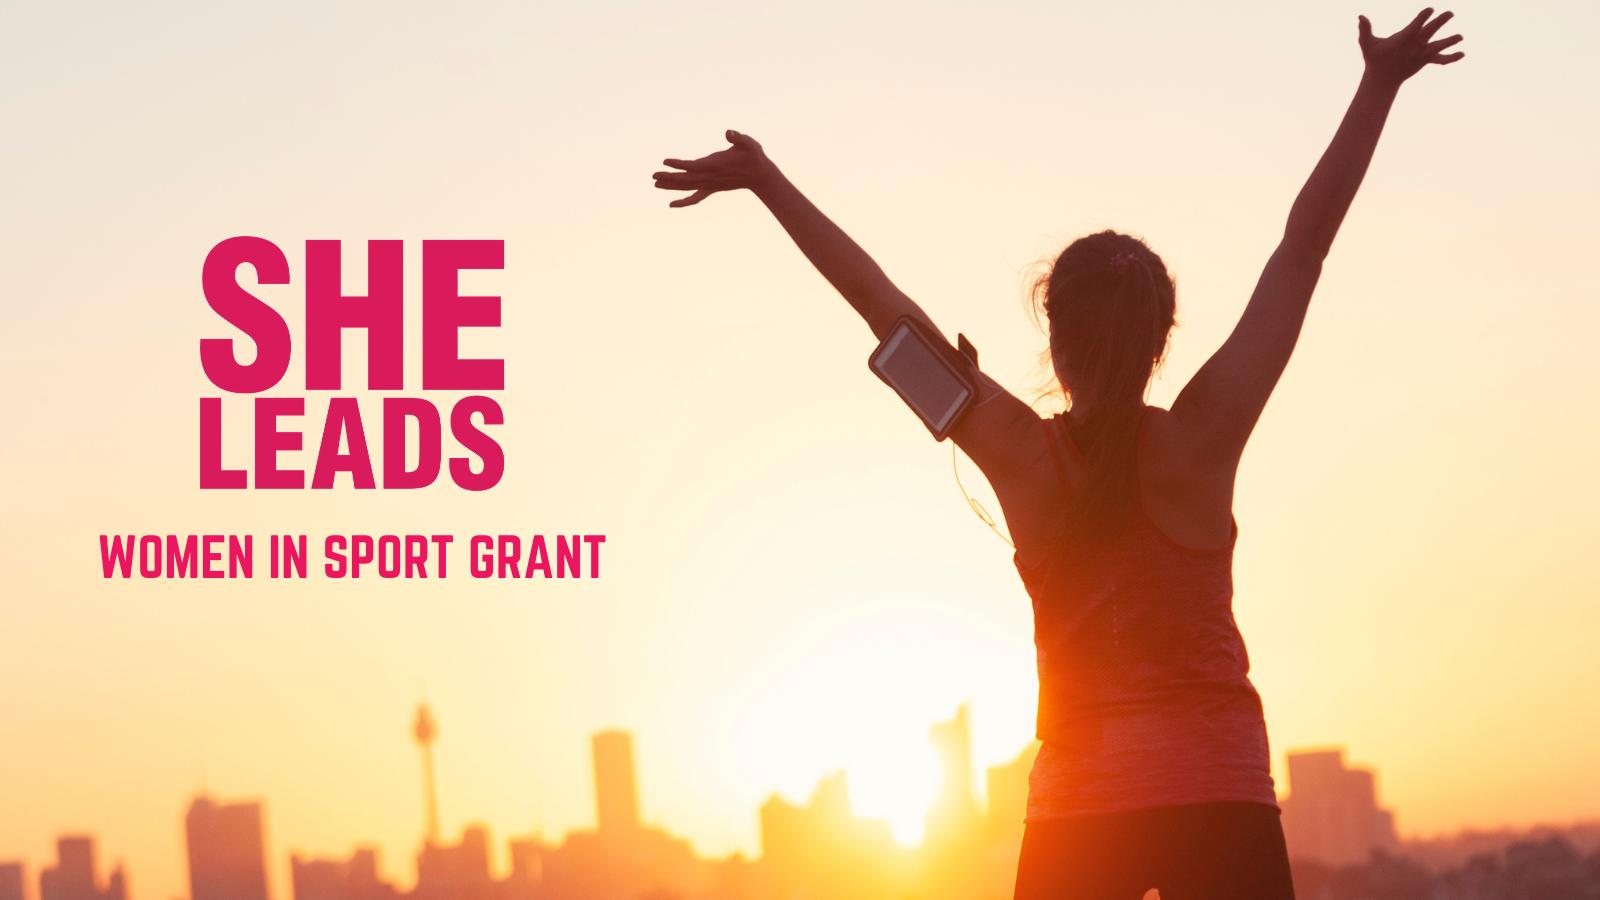 She-Leads-Women-in-Sport-Grant-website